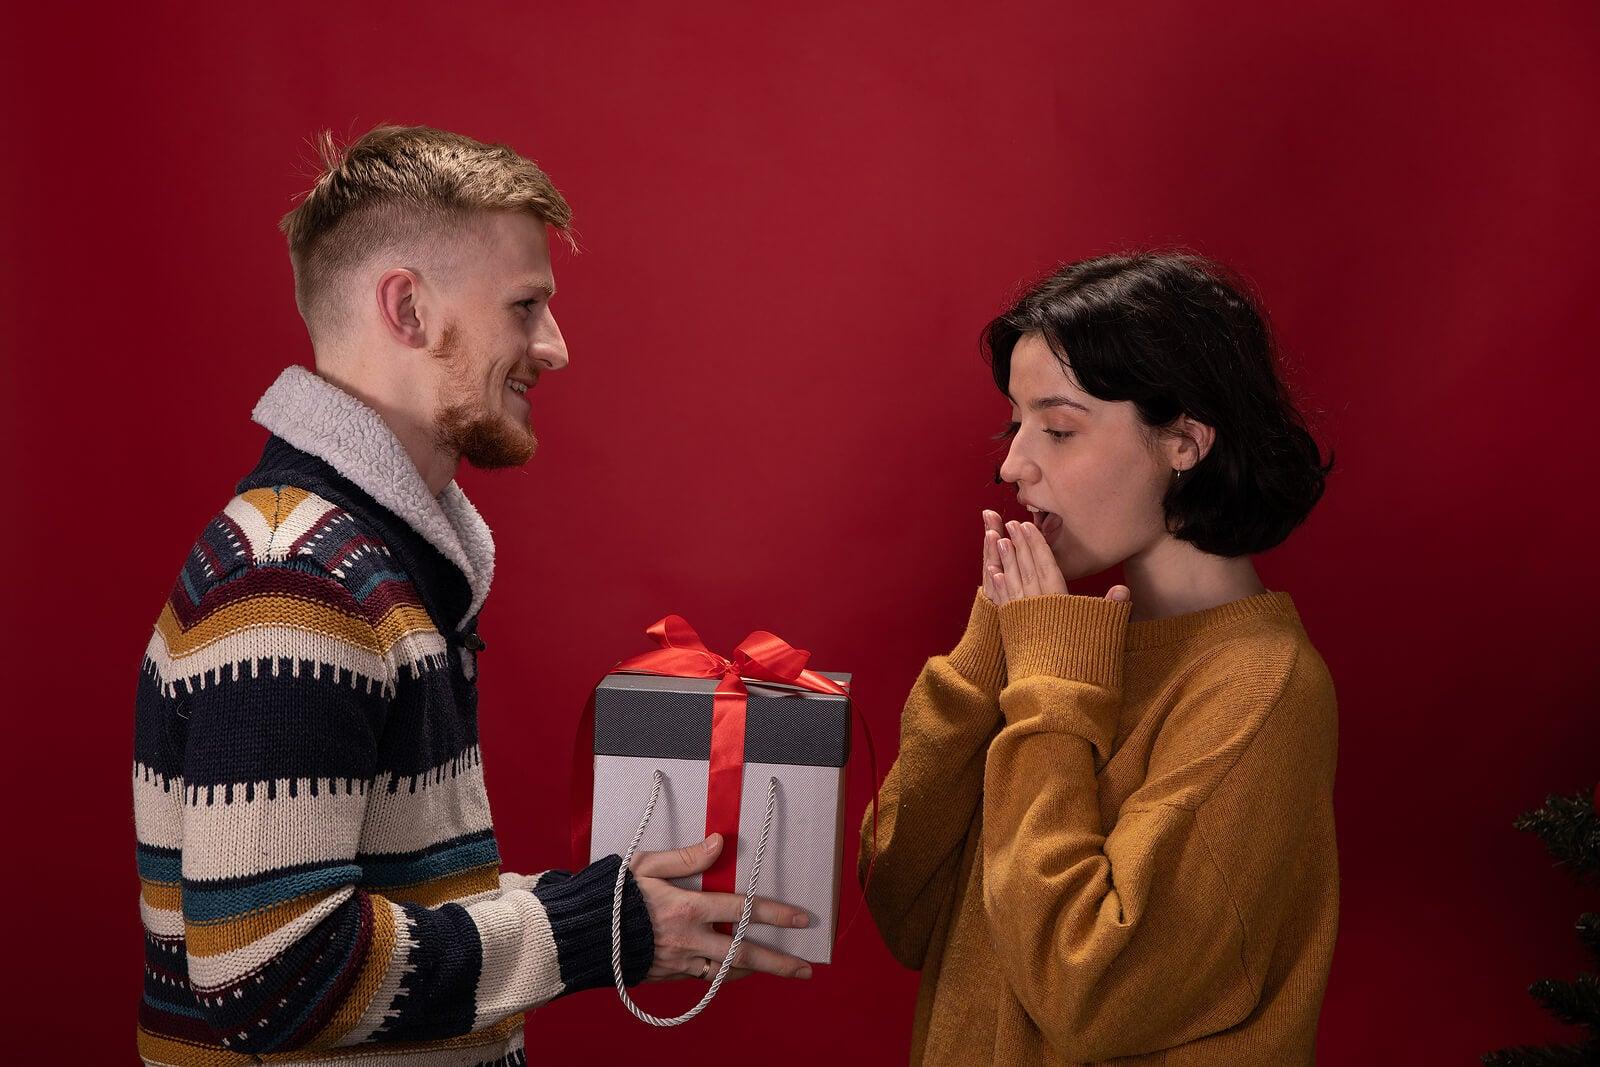 Pareja haciéndose regalos sorpresa.